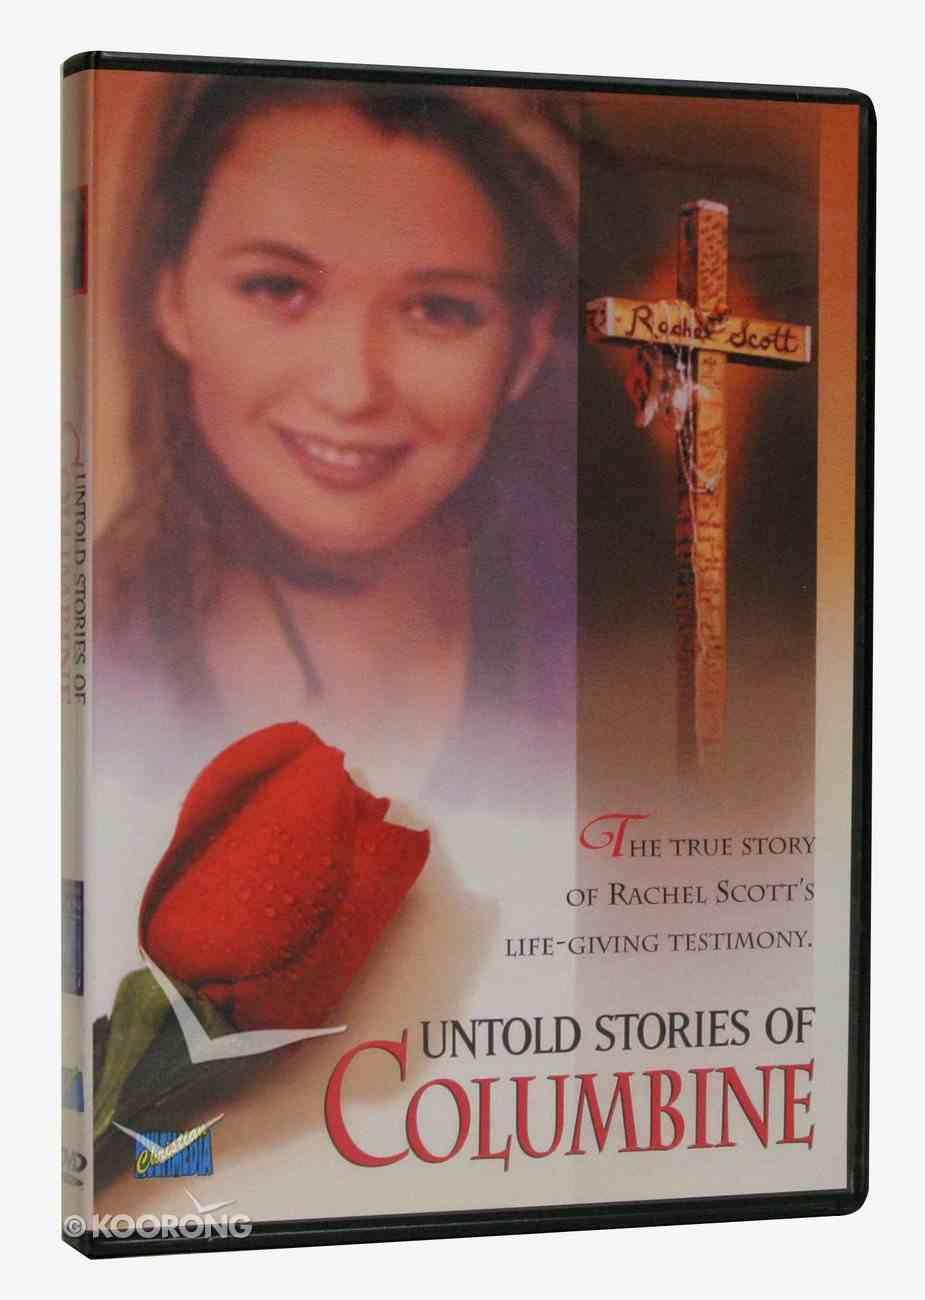 Untold Stories of Columbine DVD